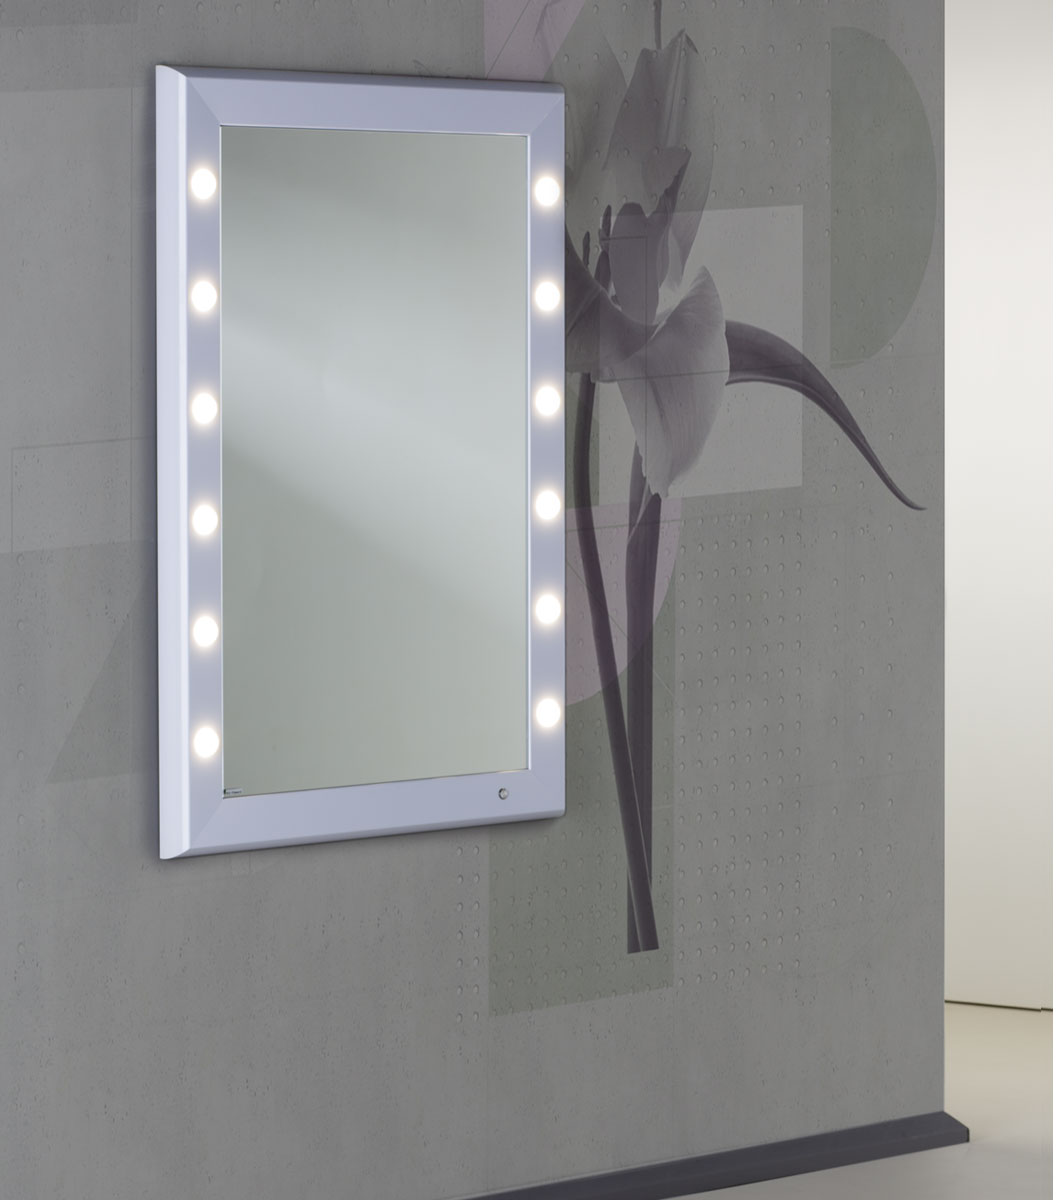 entdecken sie frozenwhite die schminkstation mit lichtern in wei. Black Bedroom Furniture Sets. Home Design Ideas